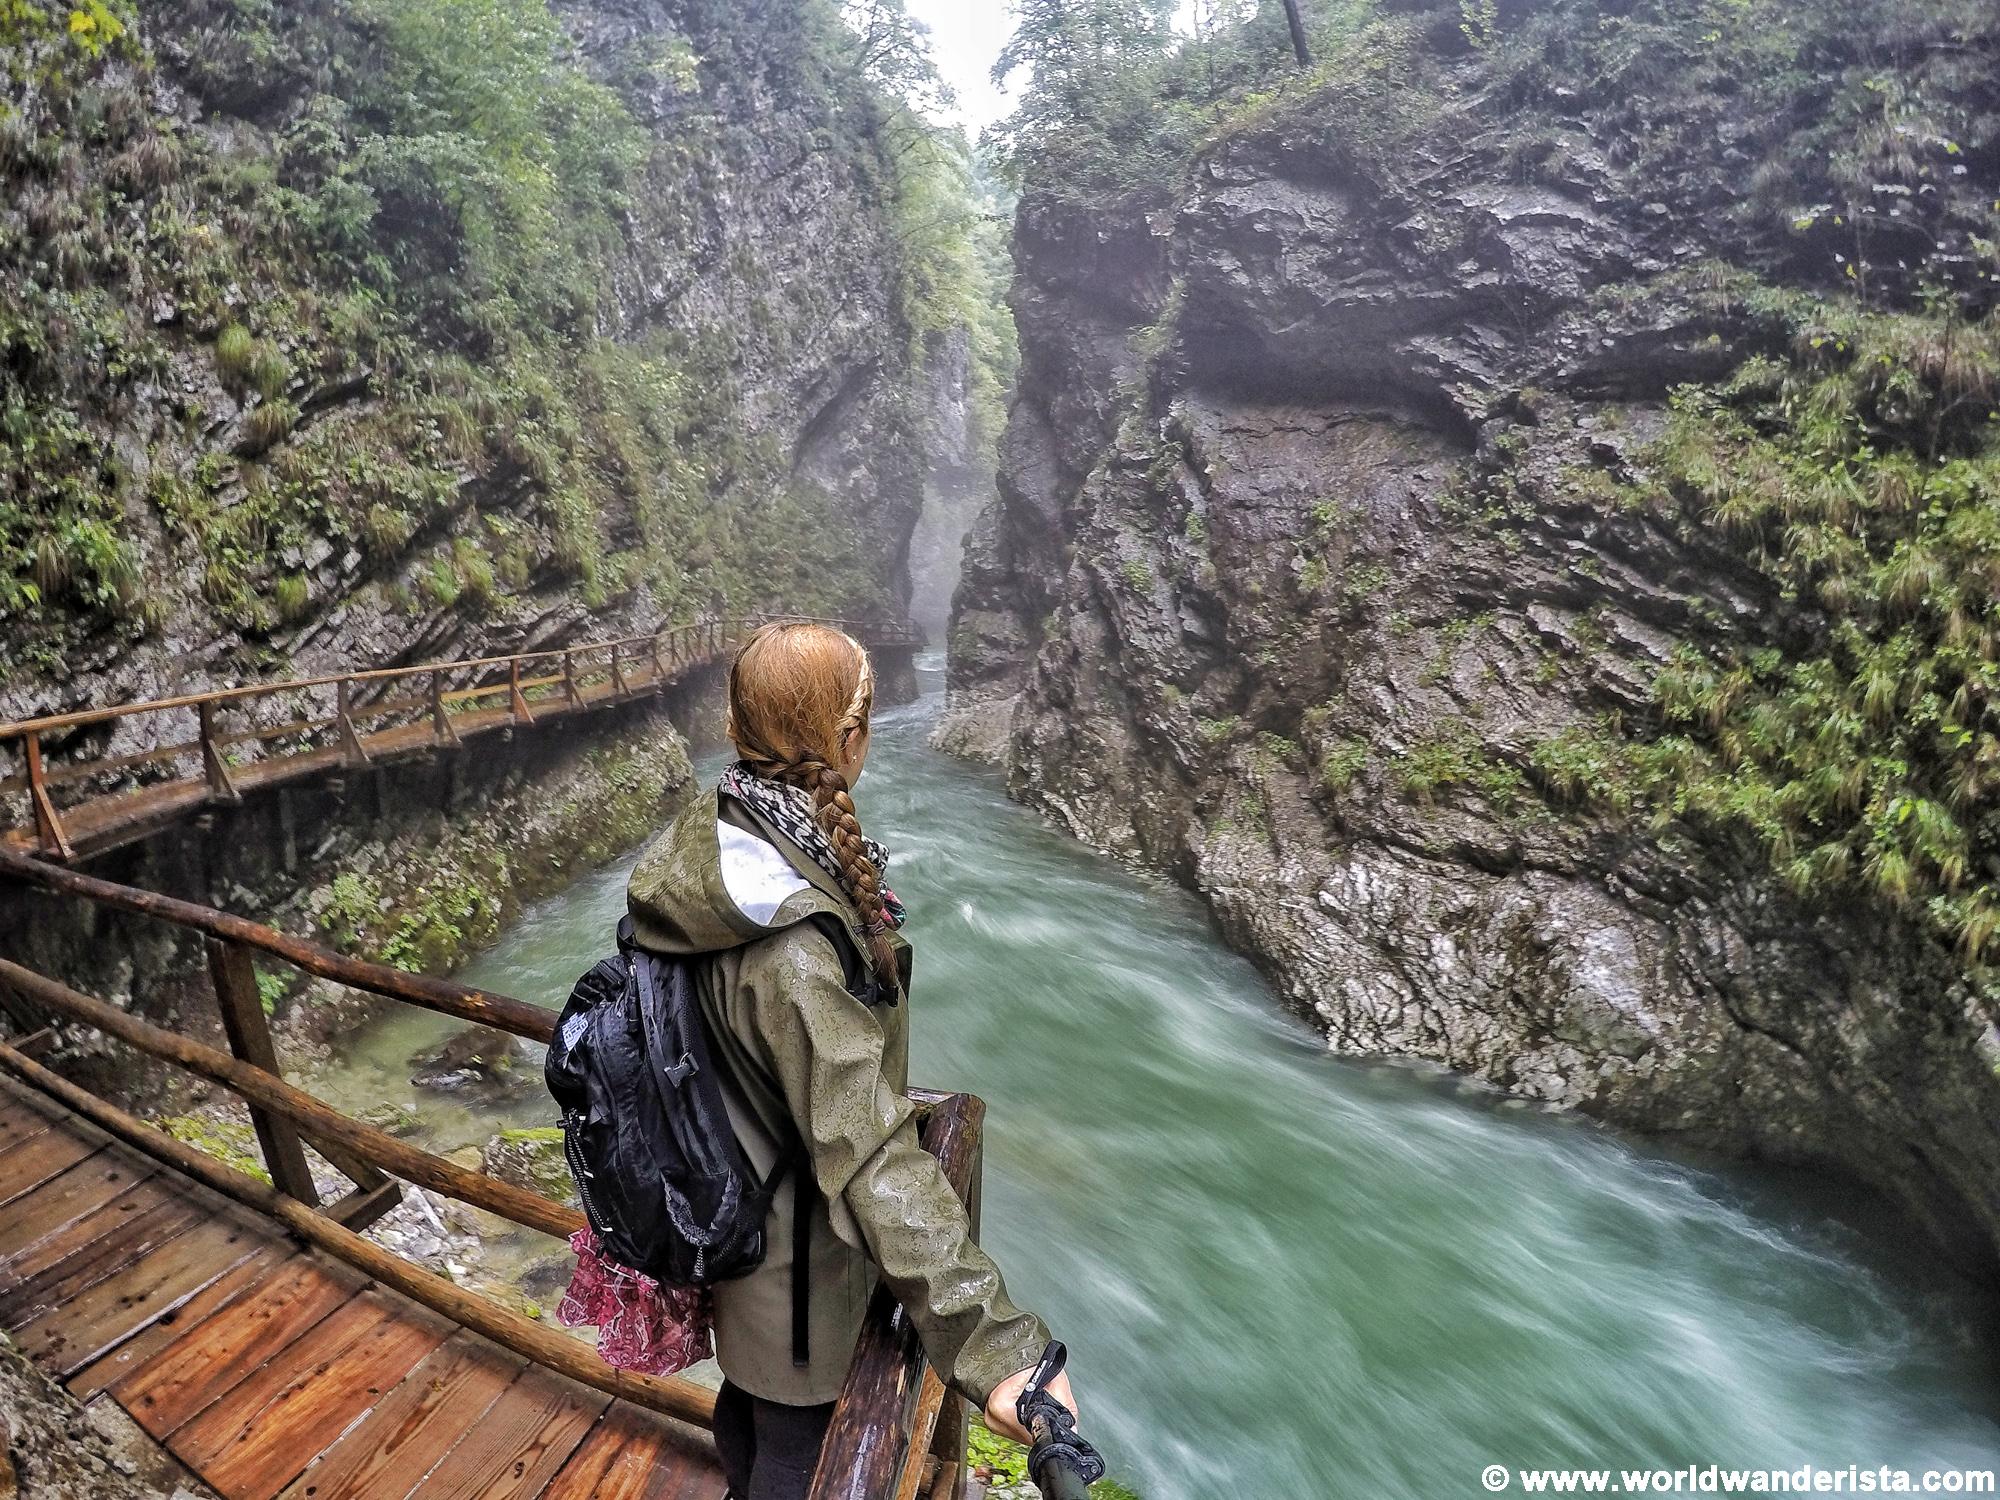 Solo travel photography gear | WORLD WANDERISTA